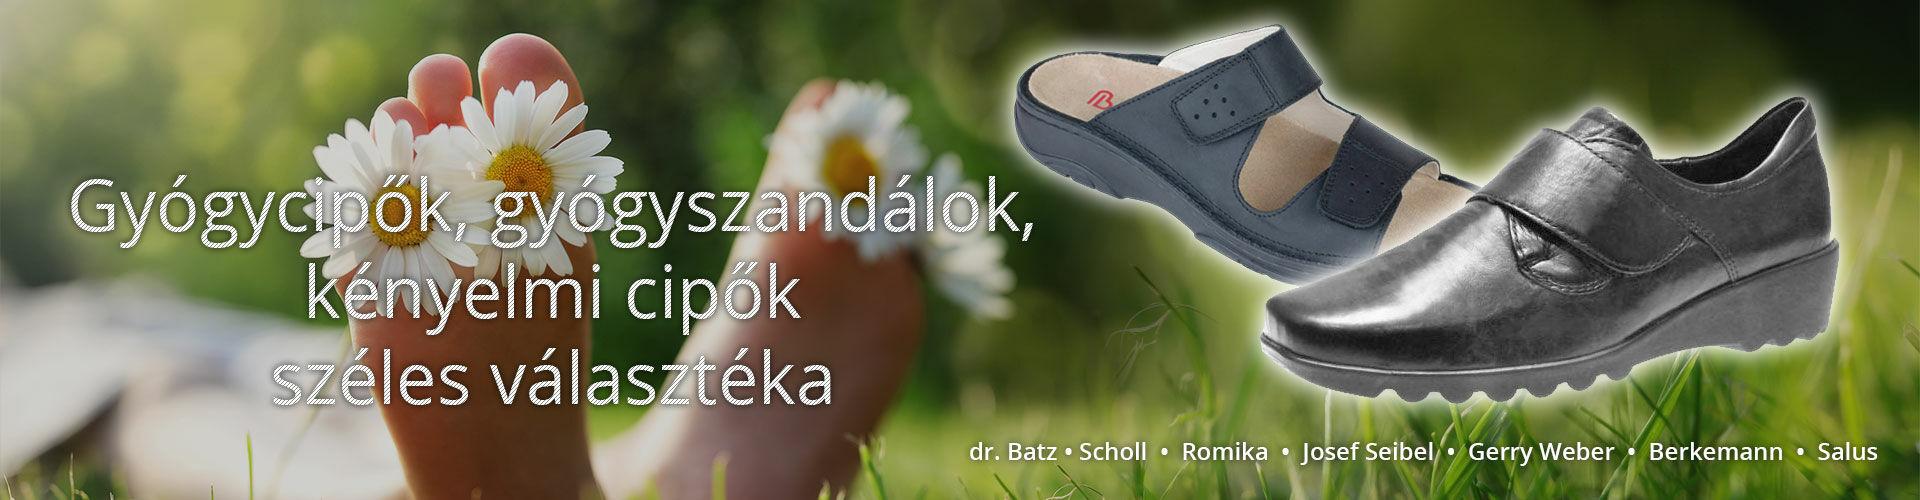 69999d3b4e90 Gyógycipők, gyógyszandálok, kényelmi cipők ...